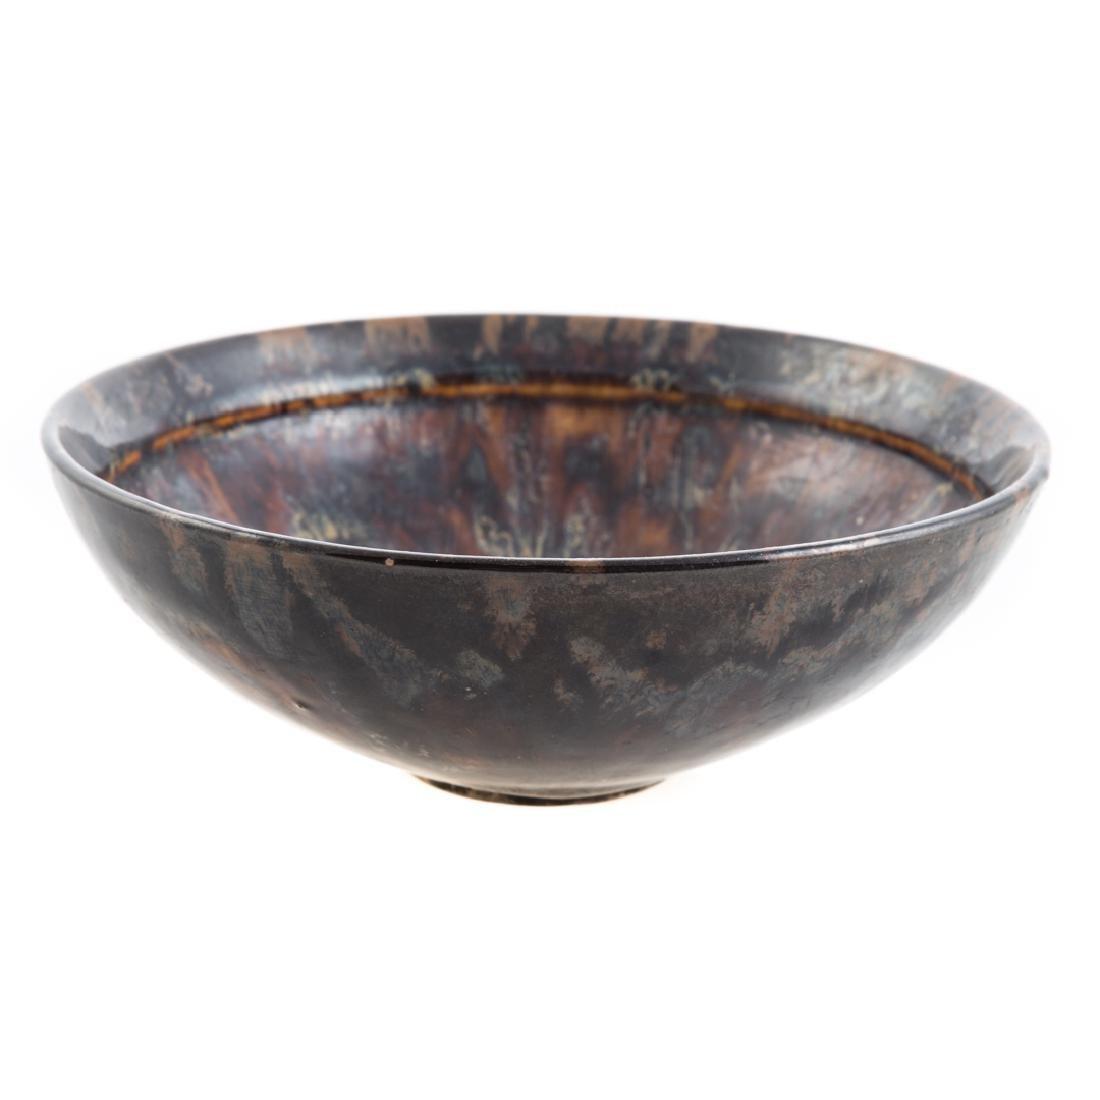 Chinese tortoiseshell glazed bowl